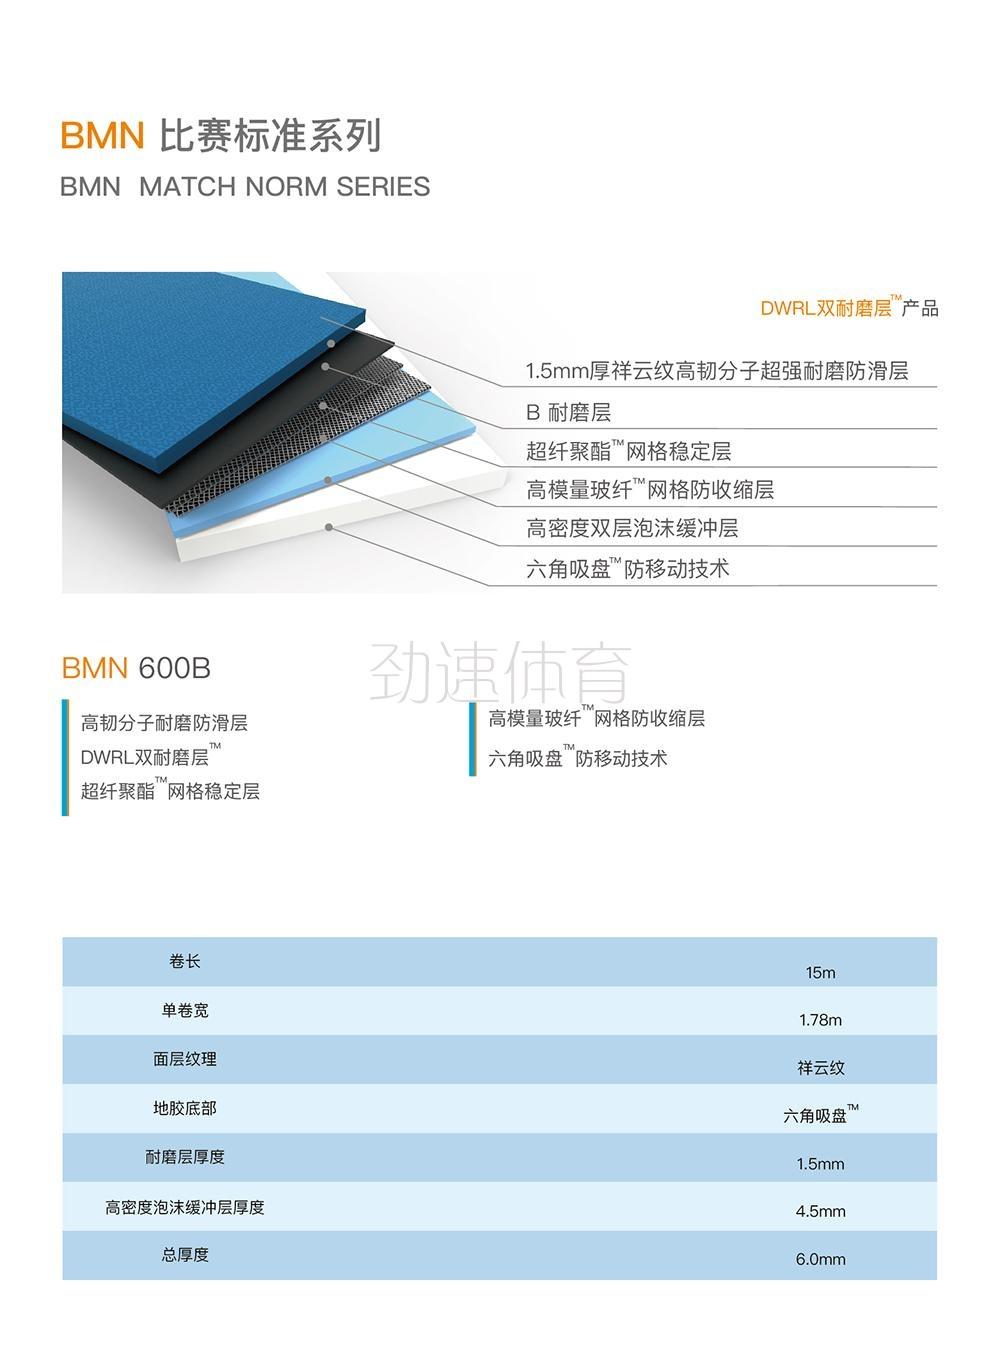 BMN600B